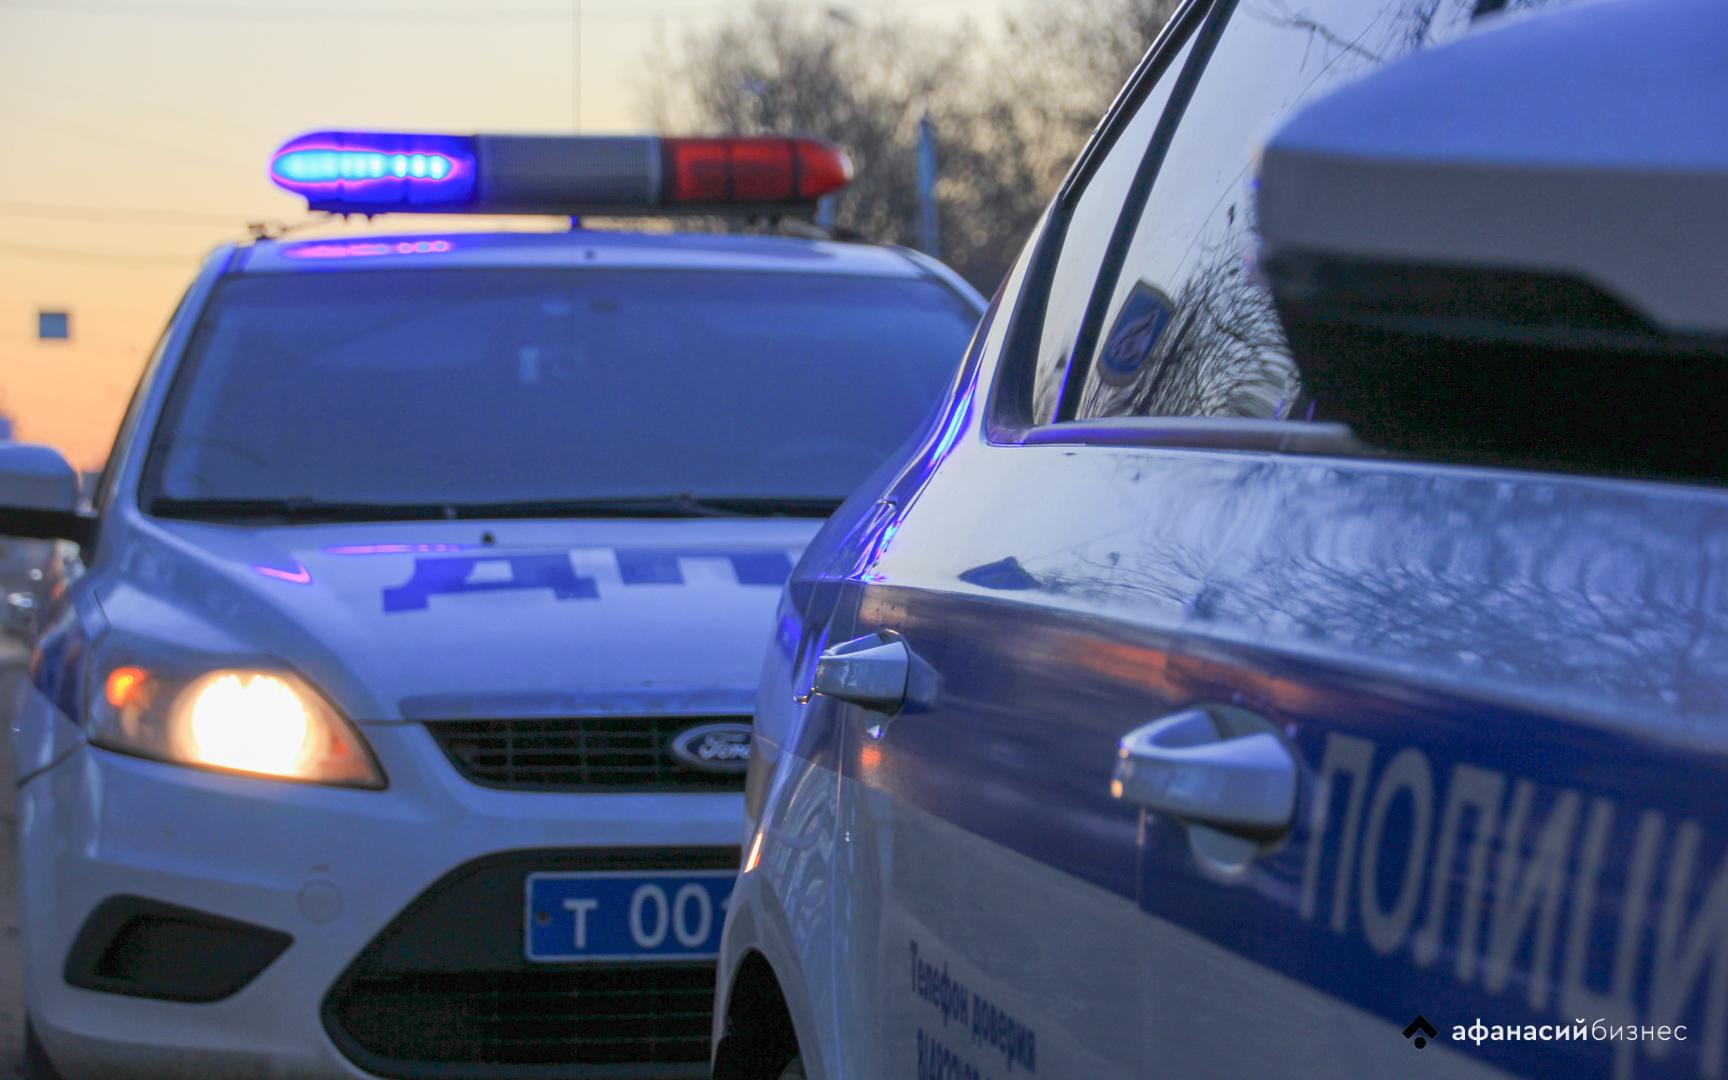 Женщина и 4-летний ребенок пострадали в ДТП на трассе М9 в Тверсой области - новости Афанасий